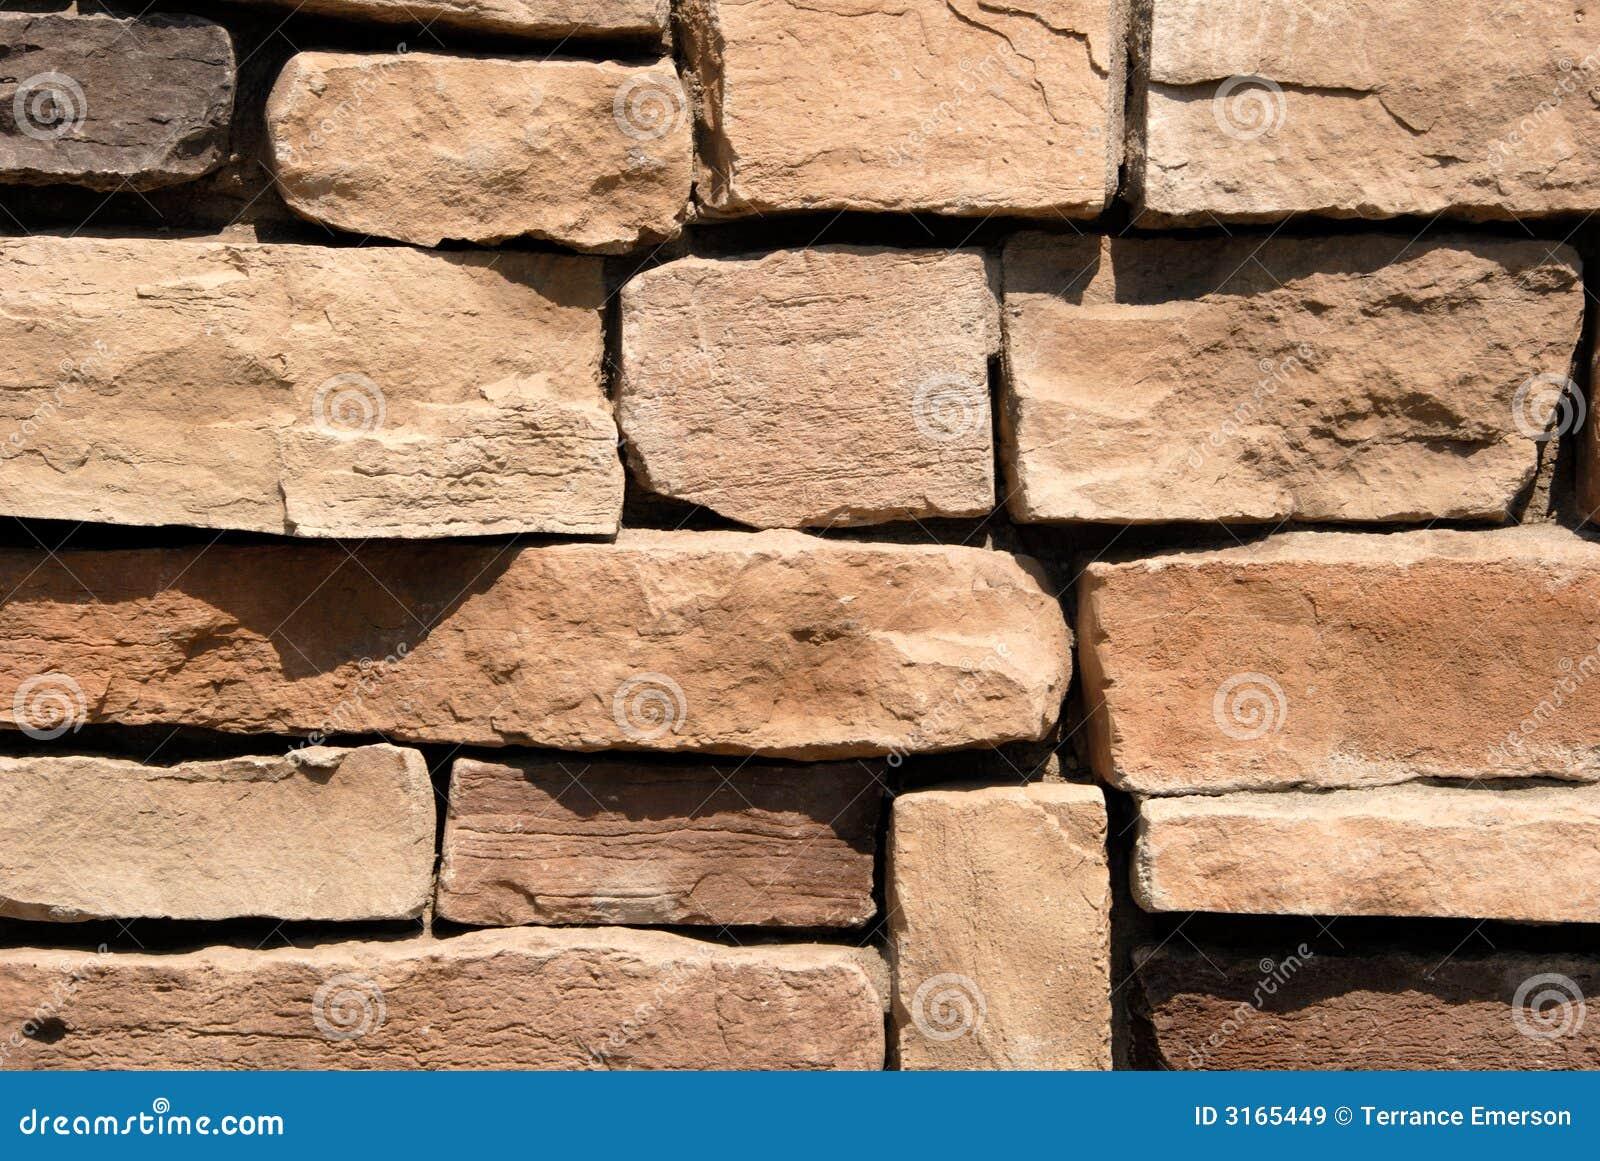 De muur van de steen royalty vrije stock afbeeldingen afbeelding 3165449 - Muur steen duidelijk ...